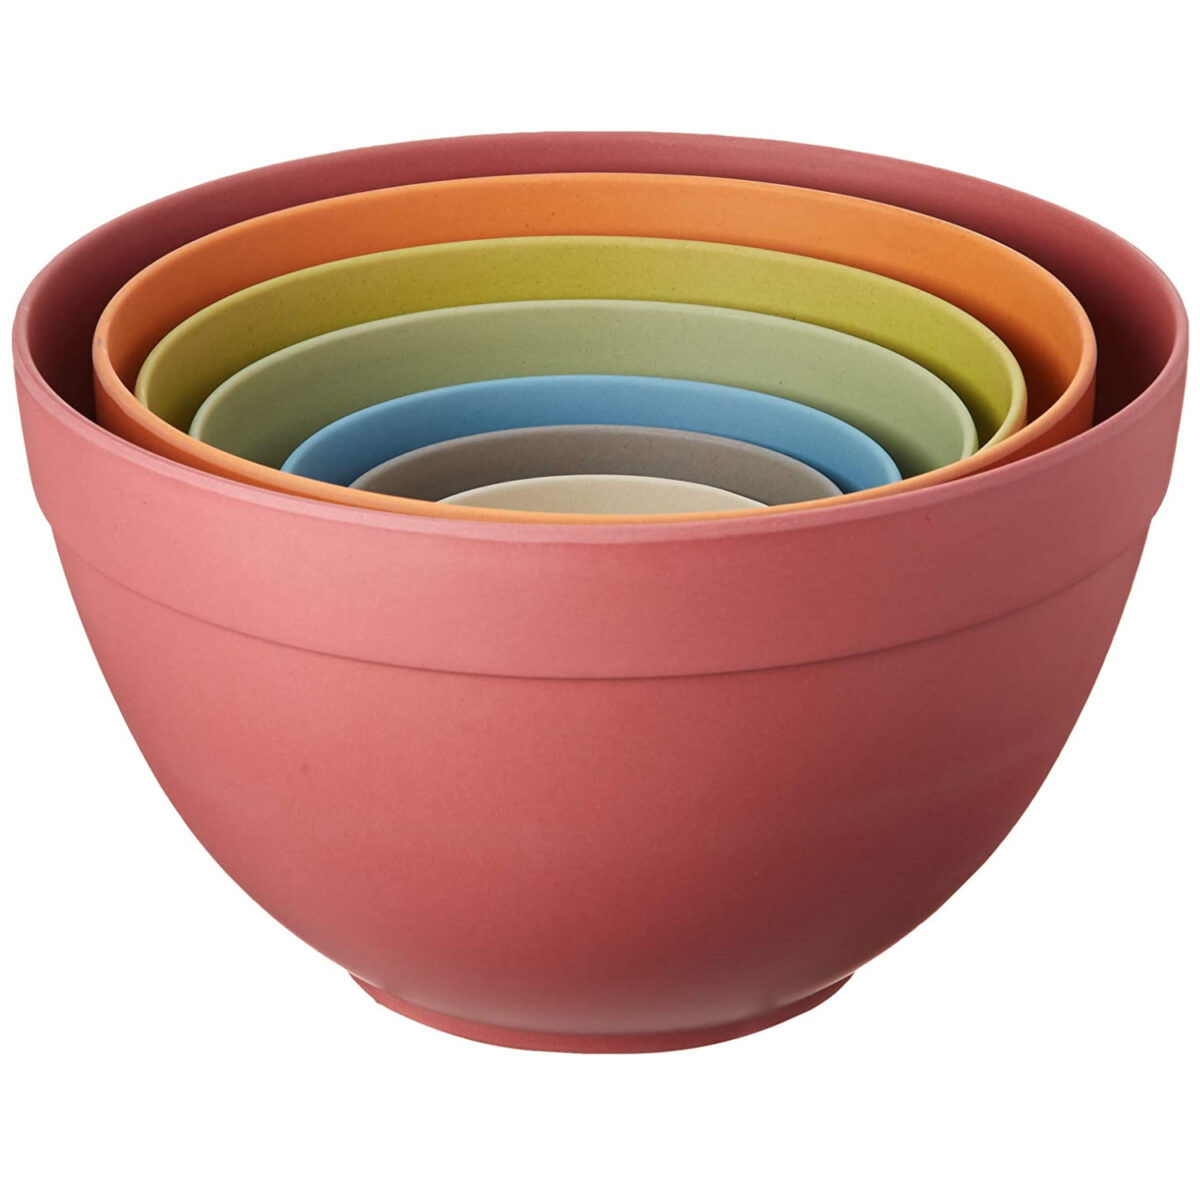 Bamboozle Nesting Bowls